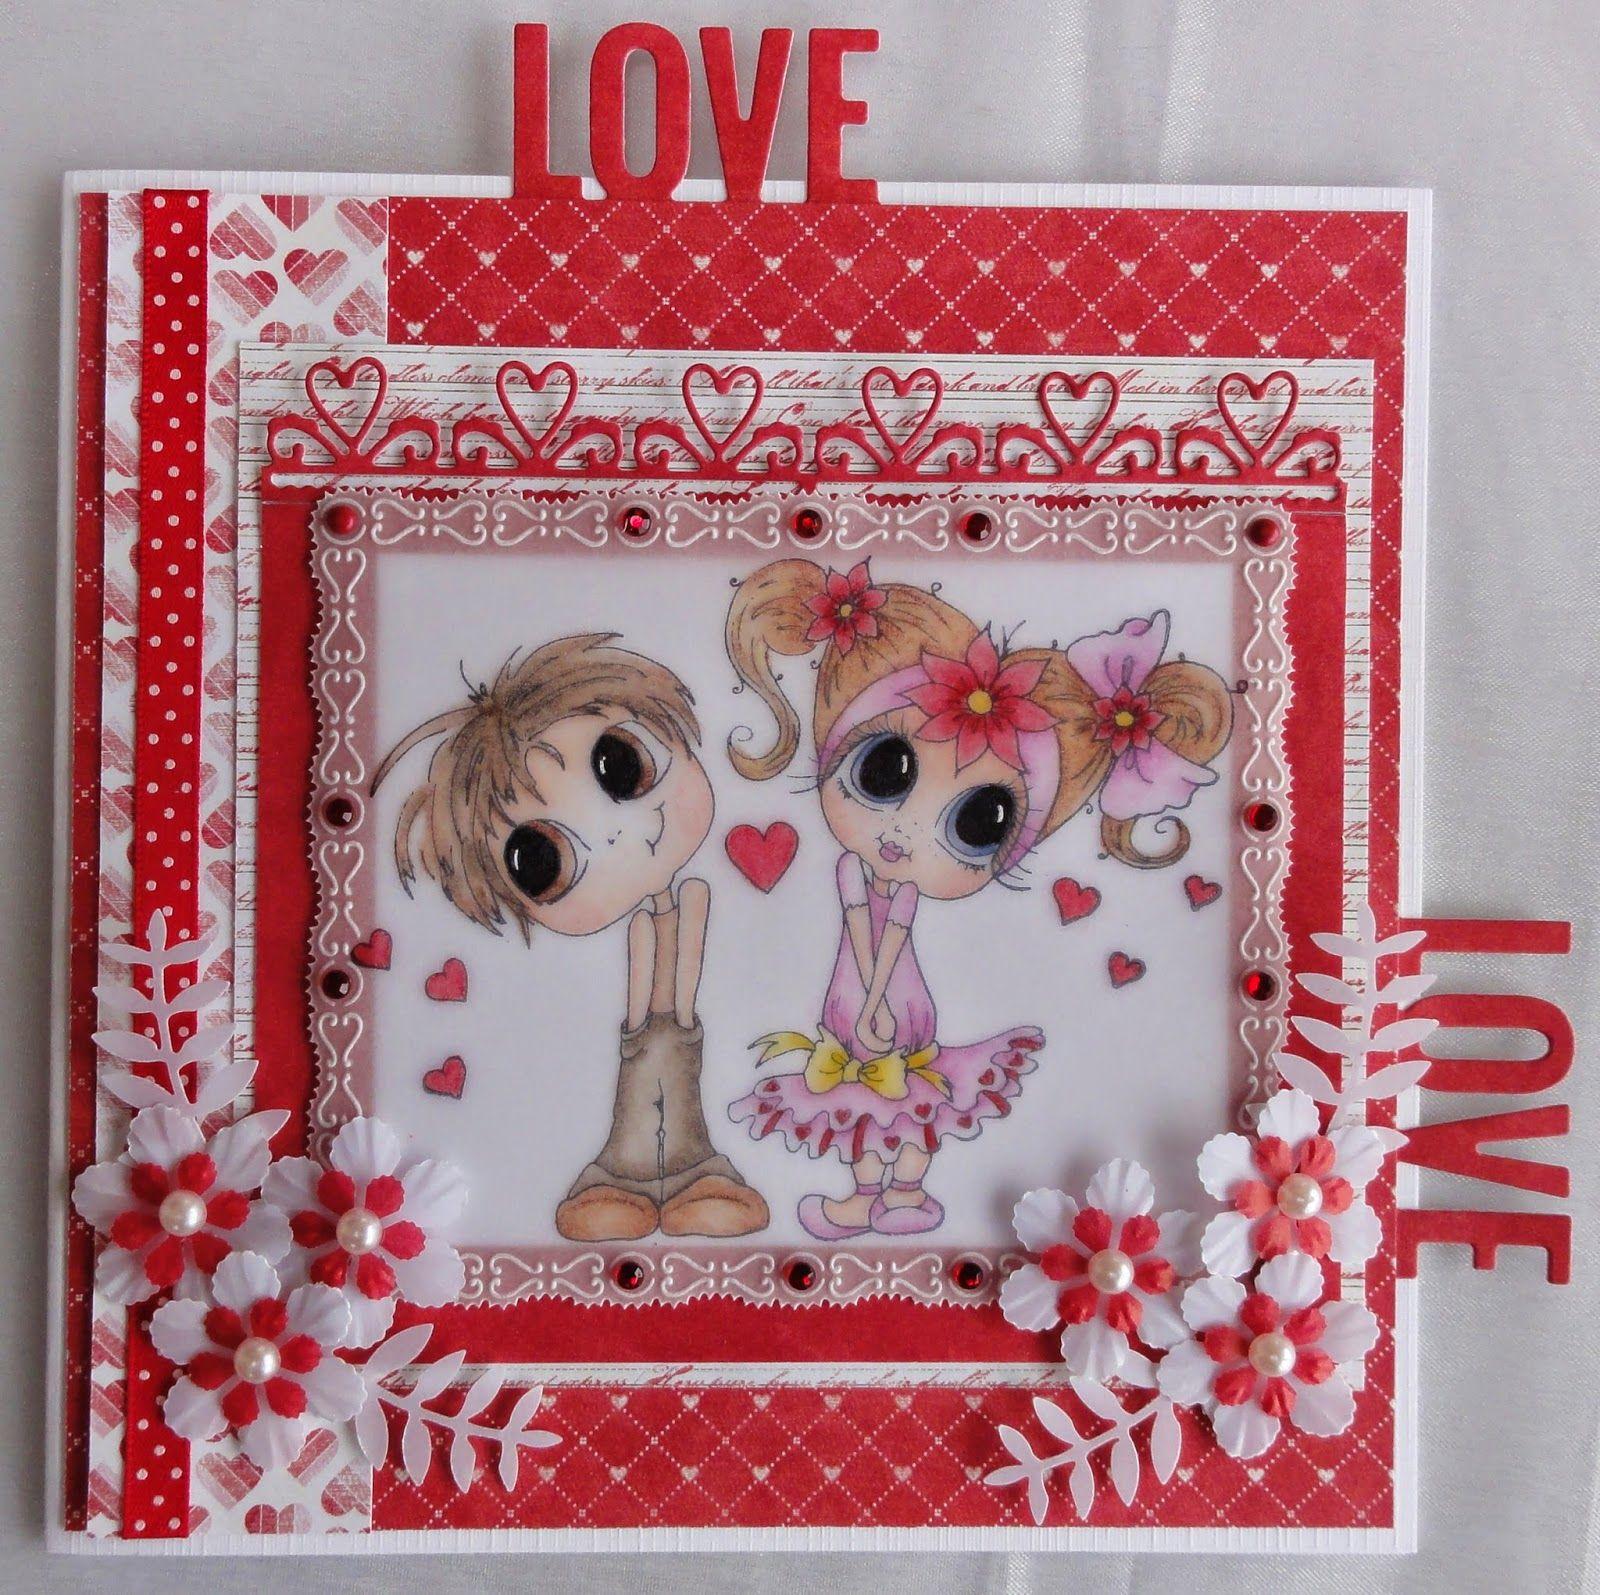 craftliners: Love